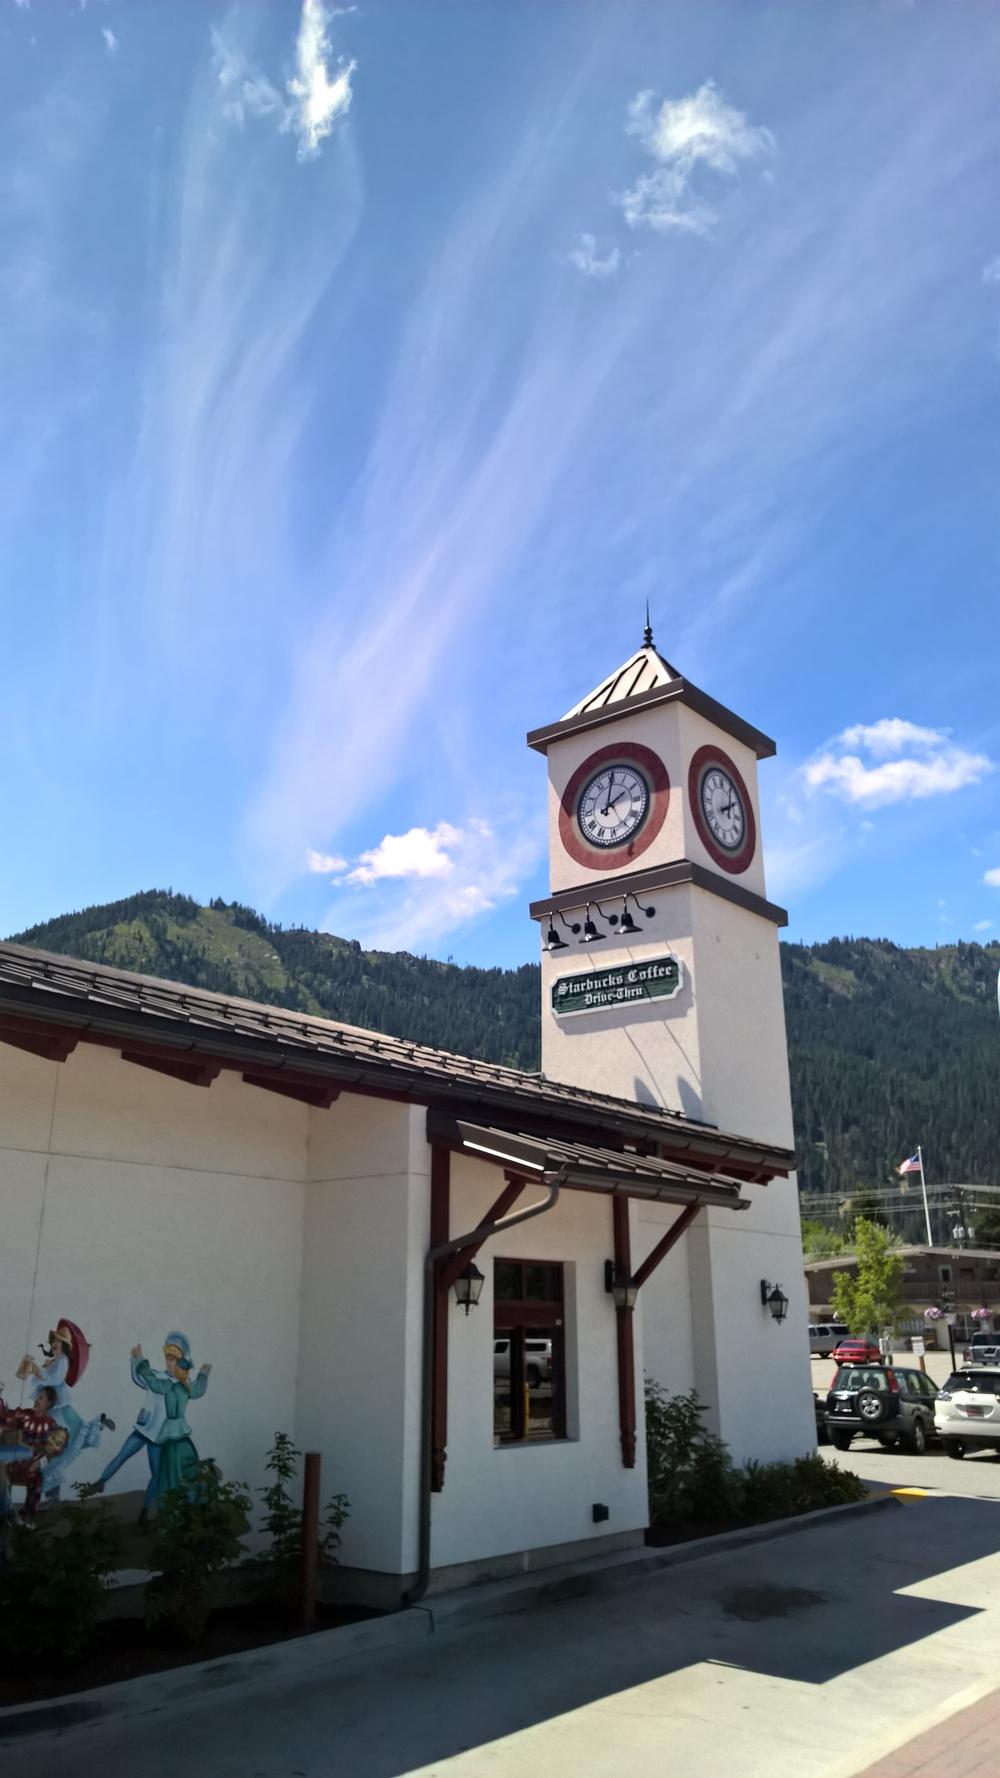 Starbucks - Leavenworth, WA